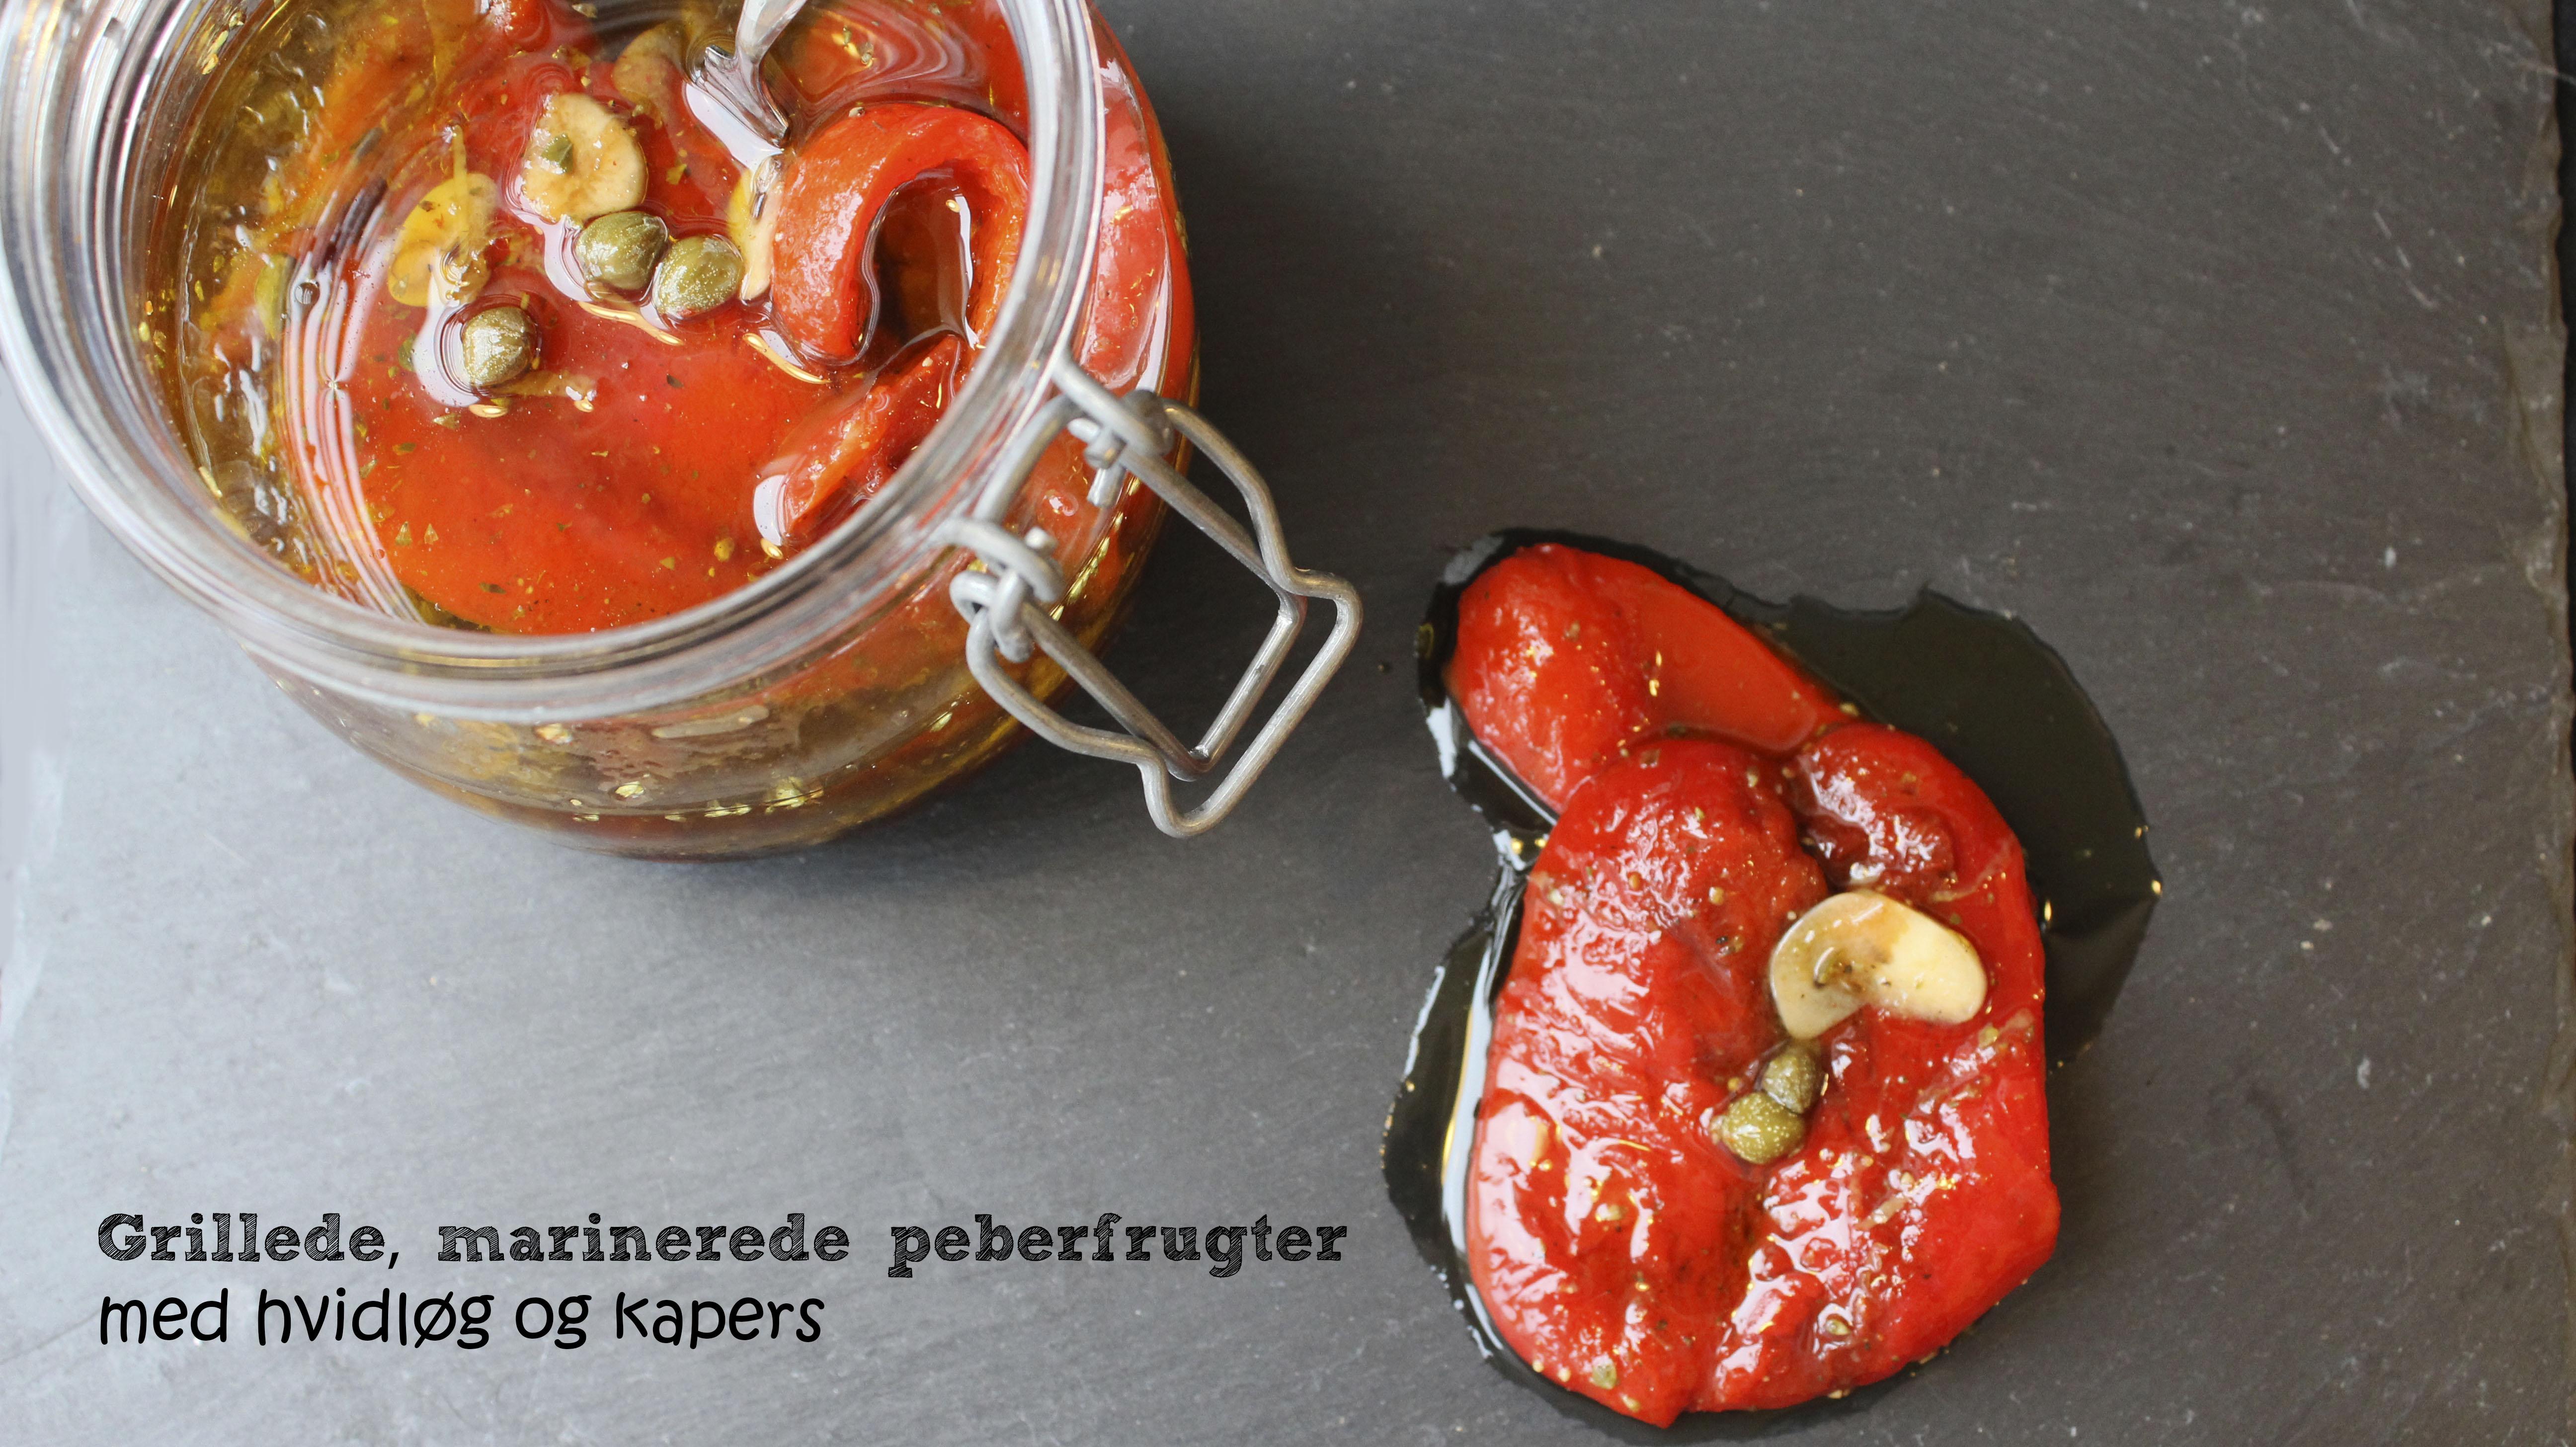 Grillede, marinerede peberfrugter med hvidløg og kapers